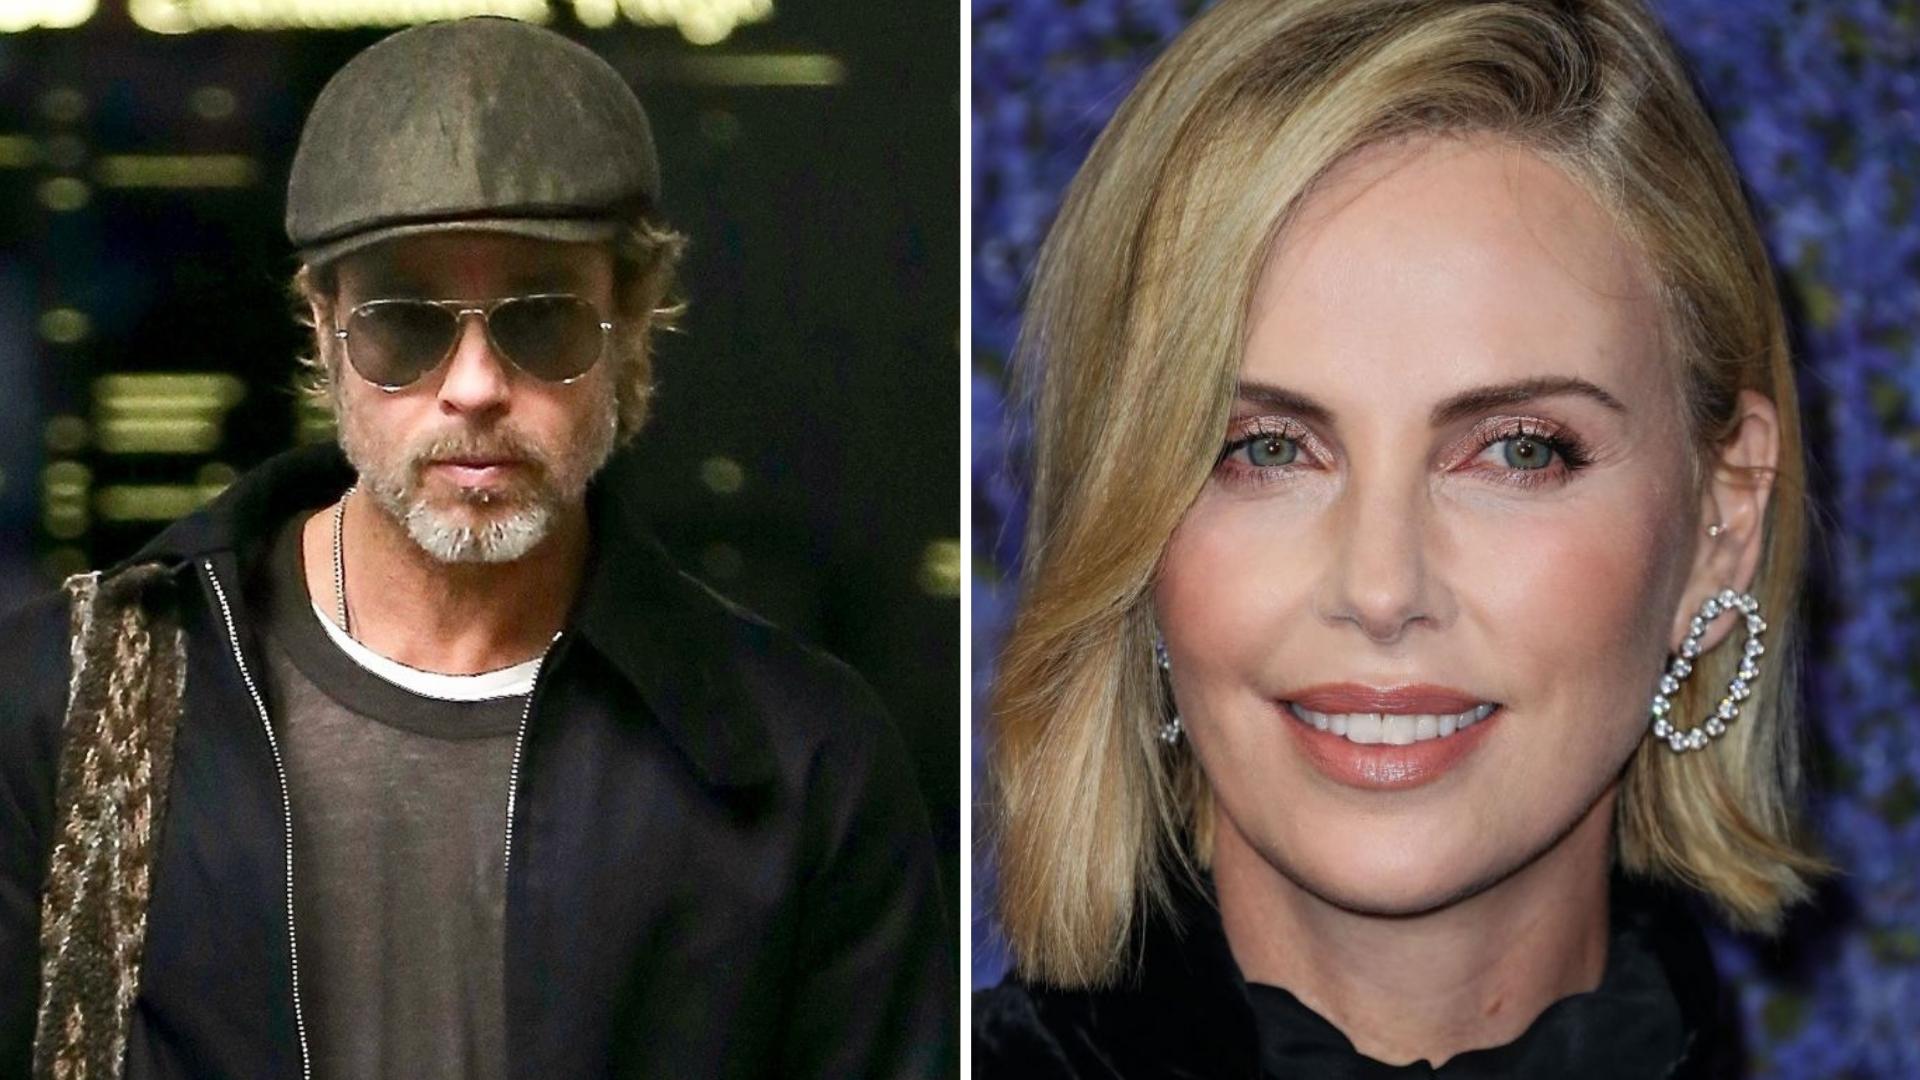 Wspólne zdjęcie Brada Pitta i Charlize Theron jest w sieci! Fani są zachwyceni